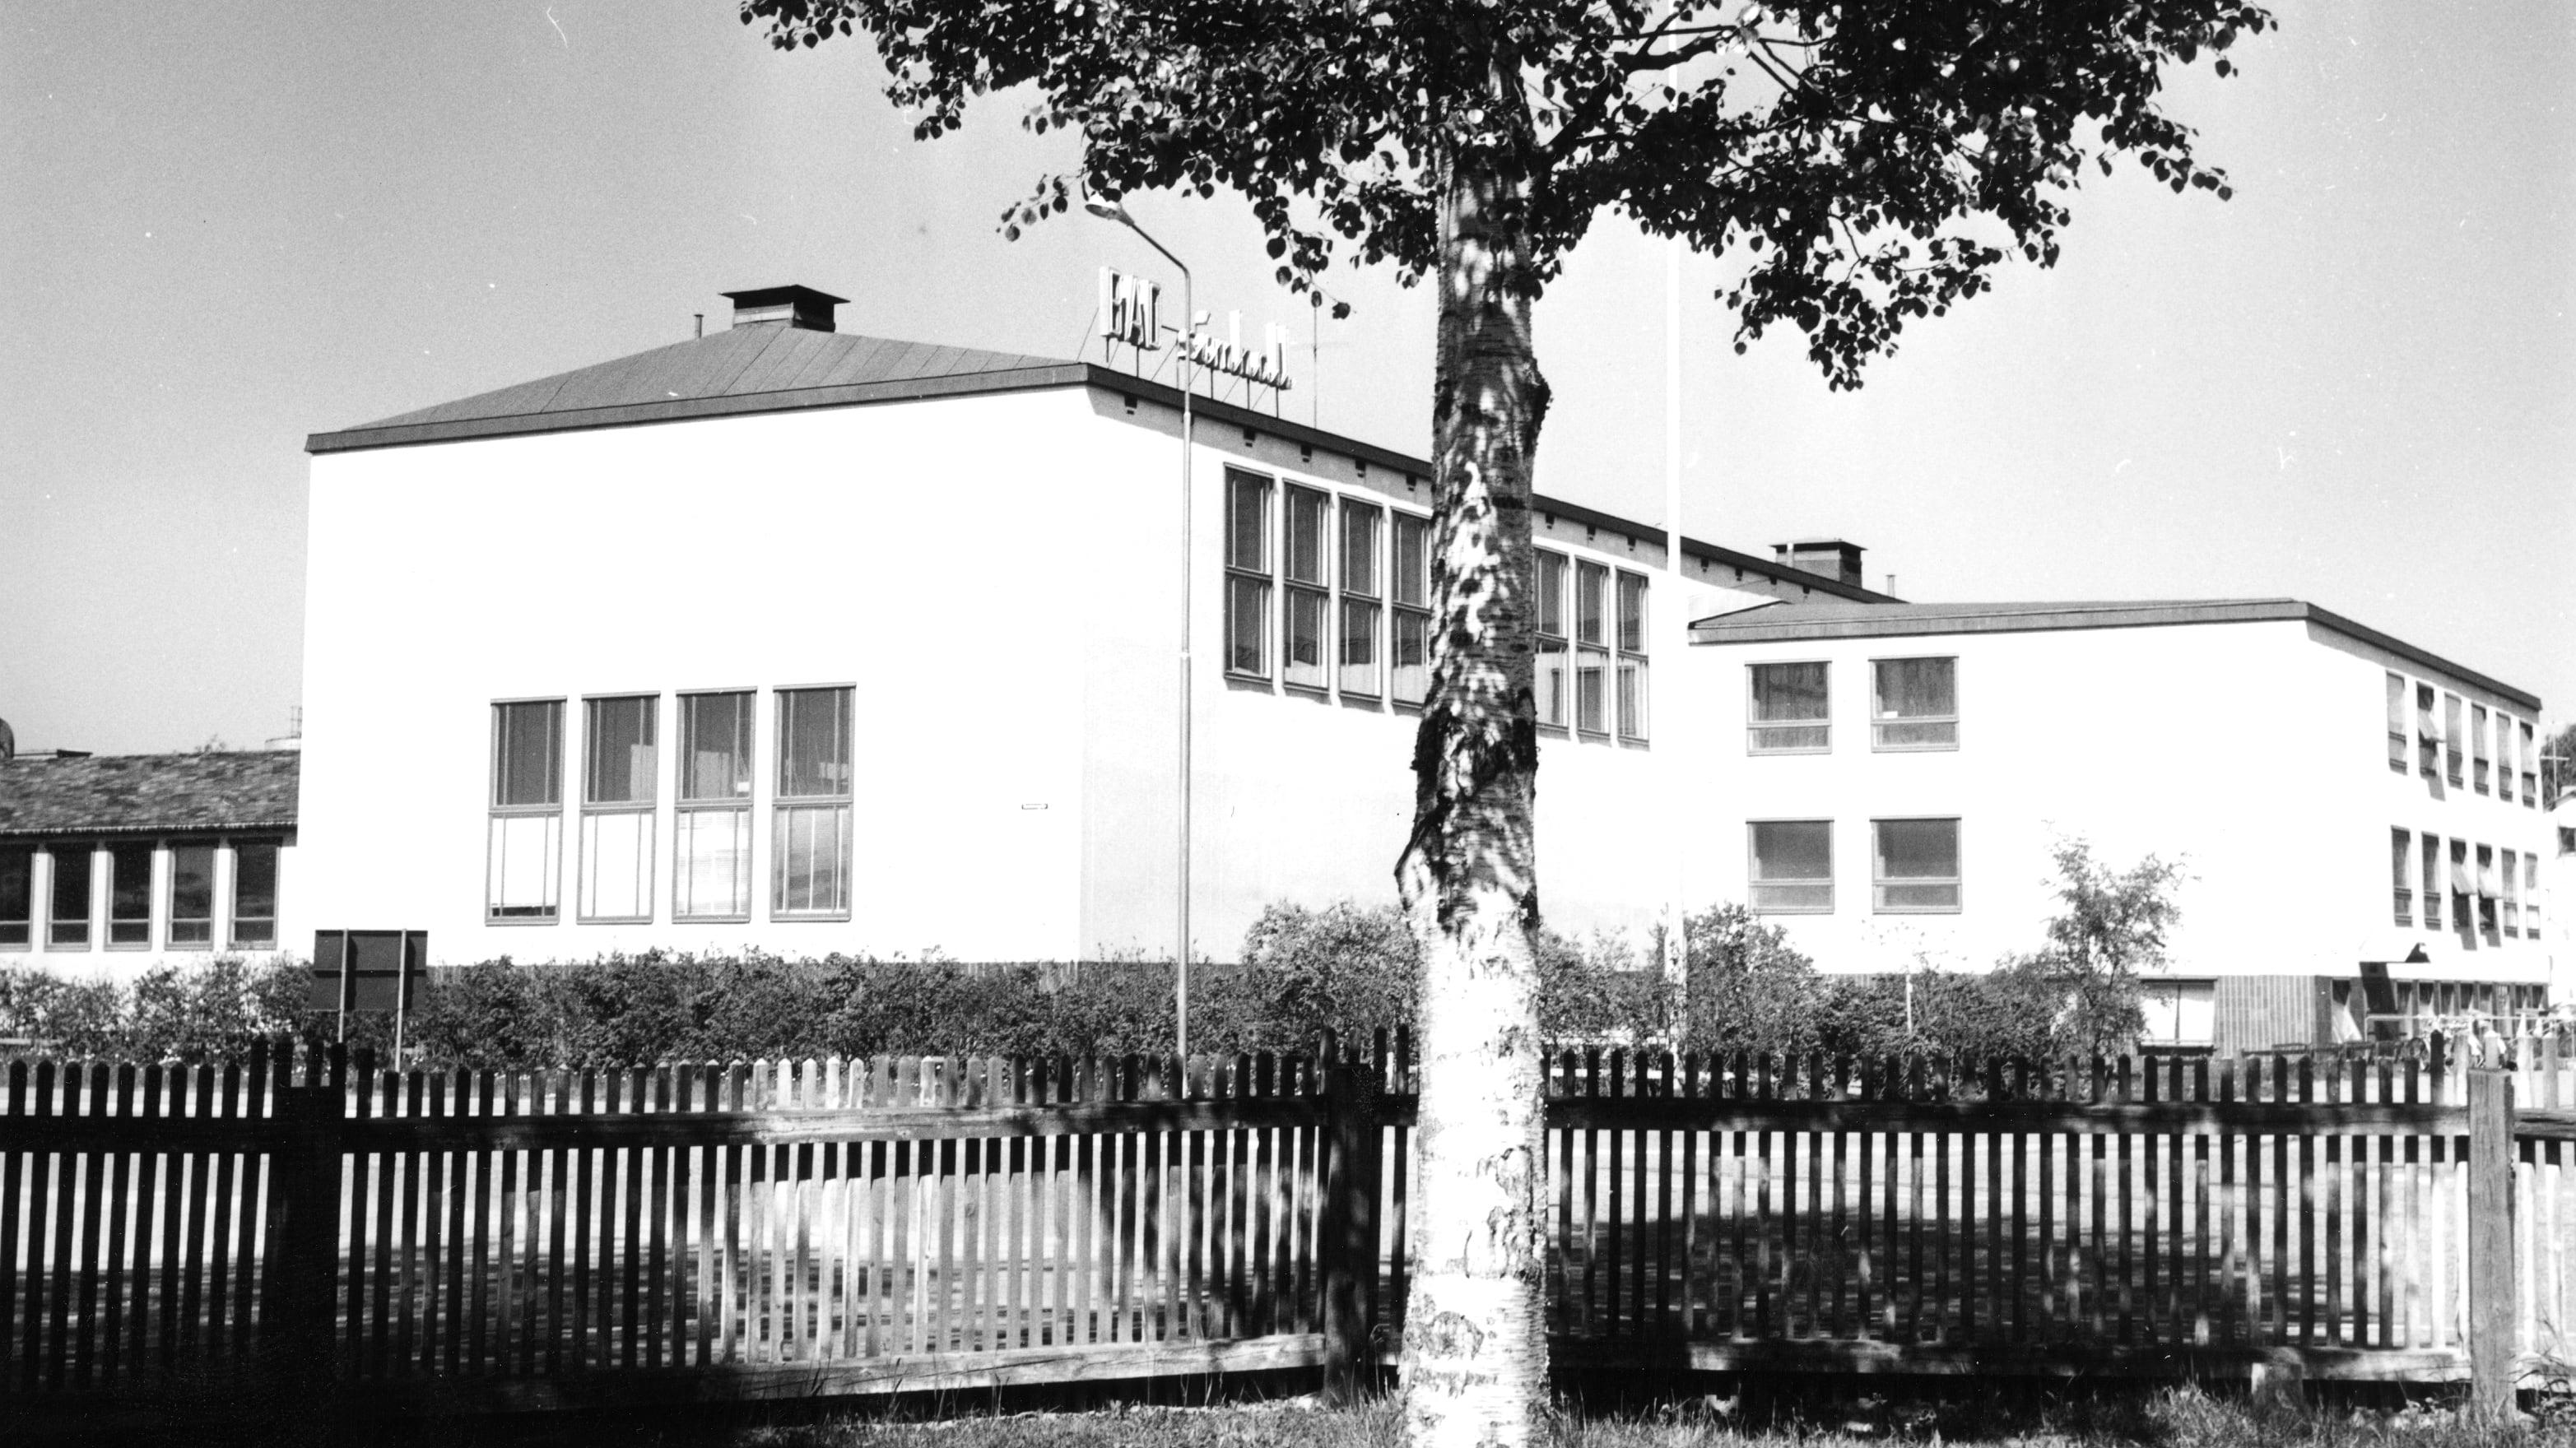 Bild på gamla Badhuset - Krönika från Bodens kommun i Gratistidningen, vecka 3 2019.